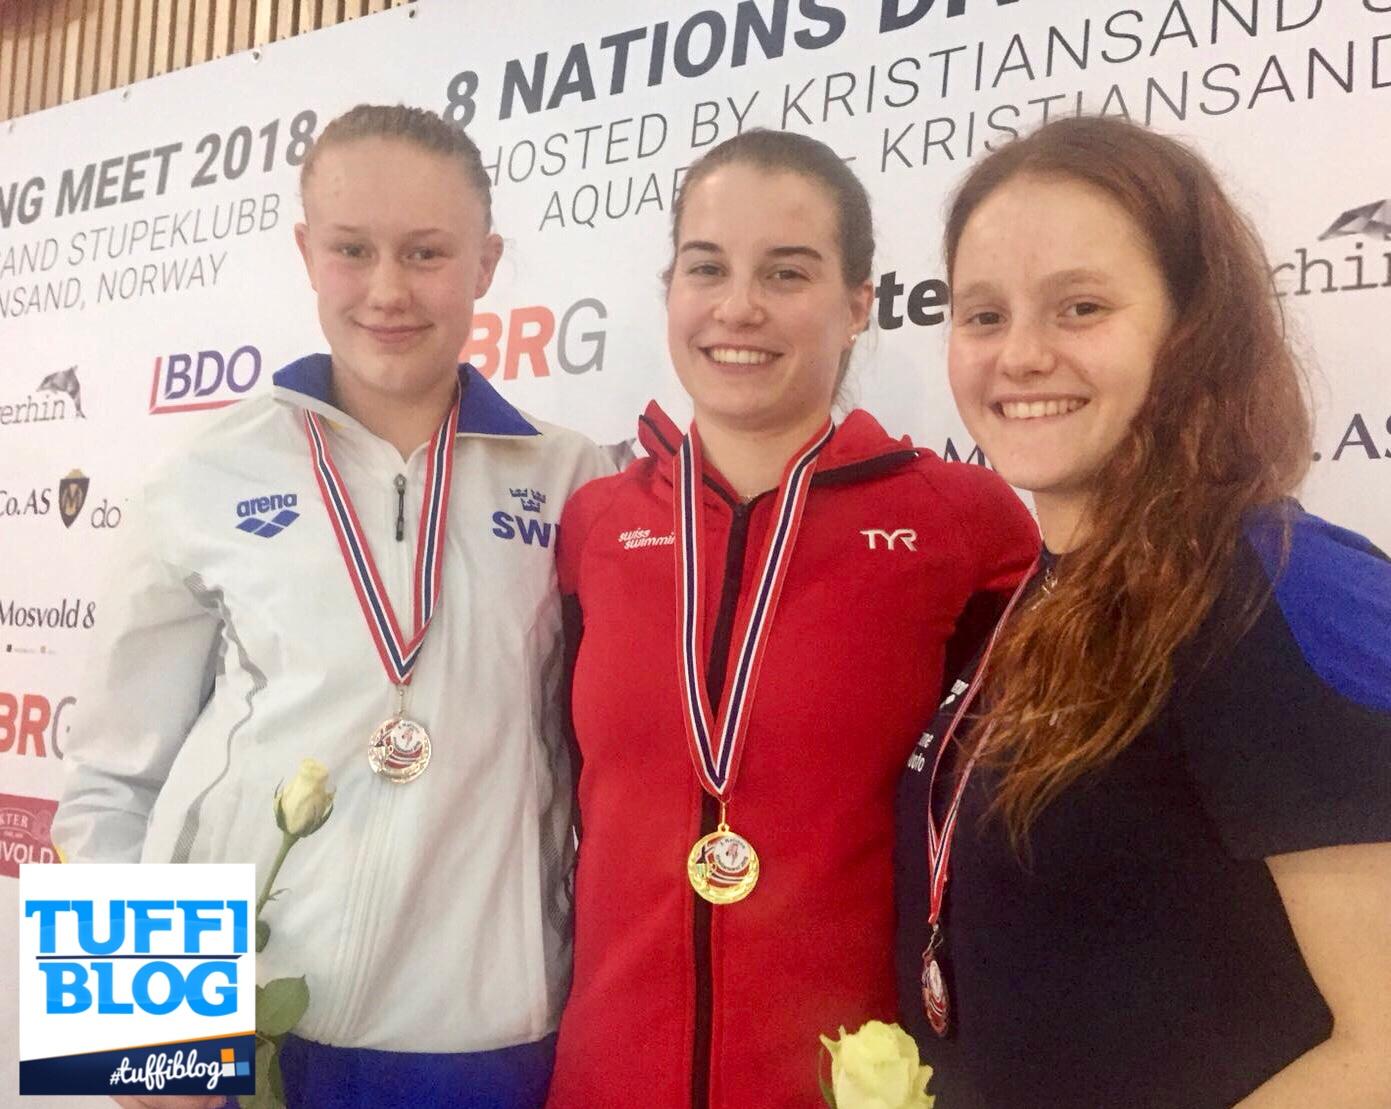 8 Nazioni Giovanile: Kristiansand - Pellacani terza da 3 metri! Tutti i video delle gare!